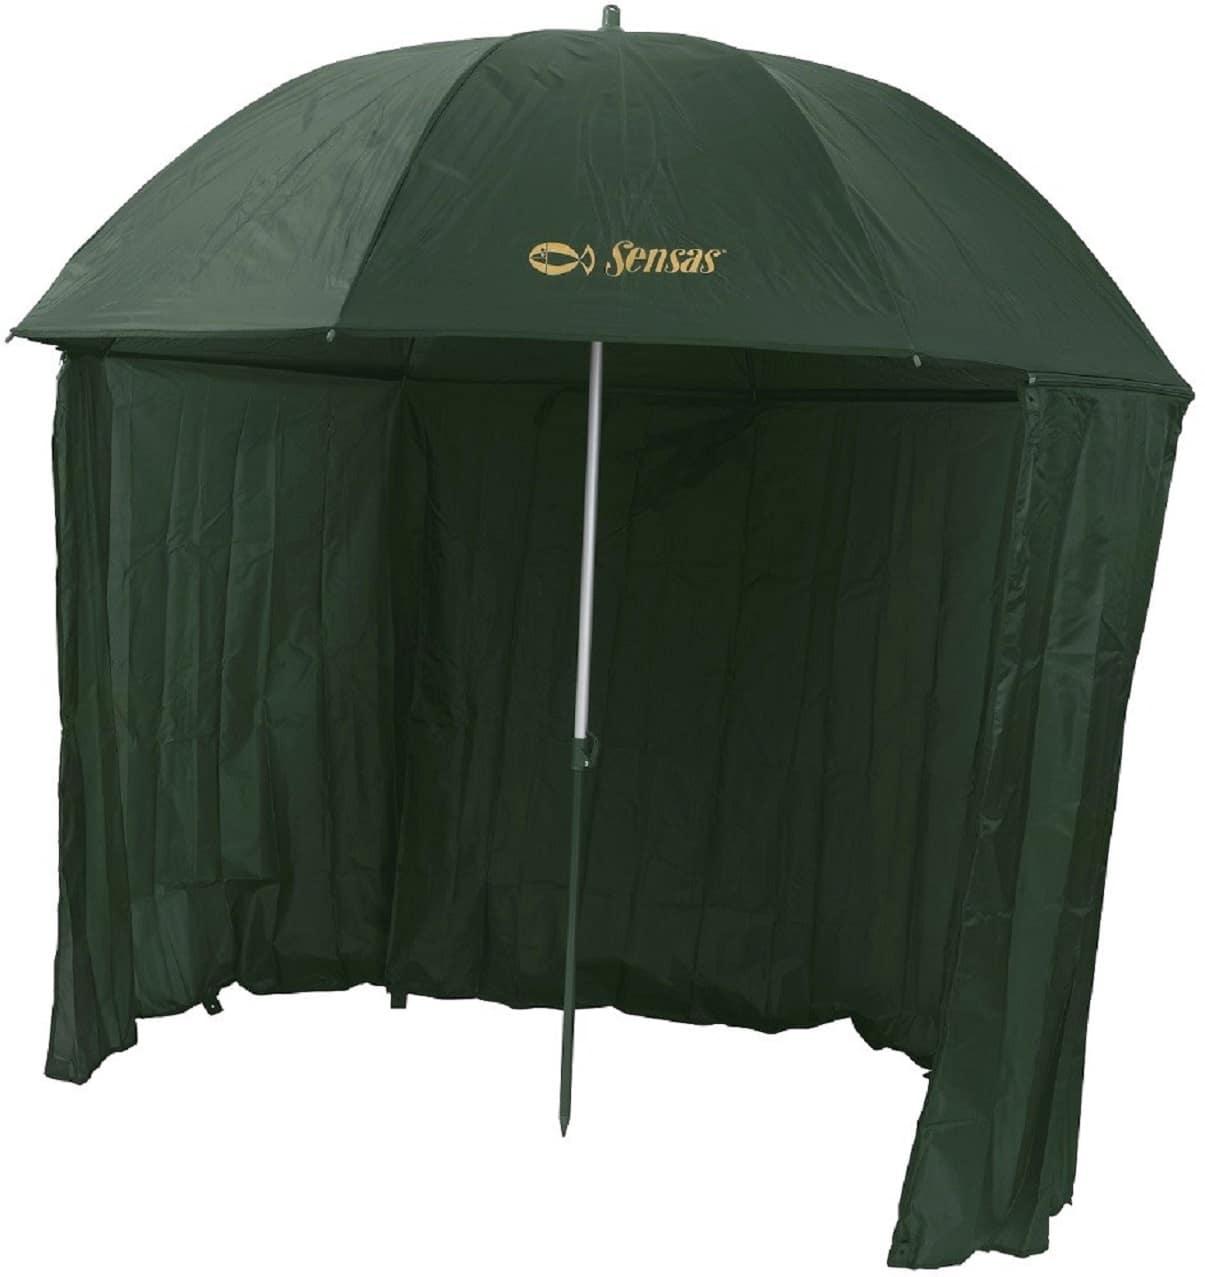 Nejlevnější deštníky pro rybáře sbočnicemi? Za tyhle dáte jen pár korun!